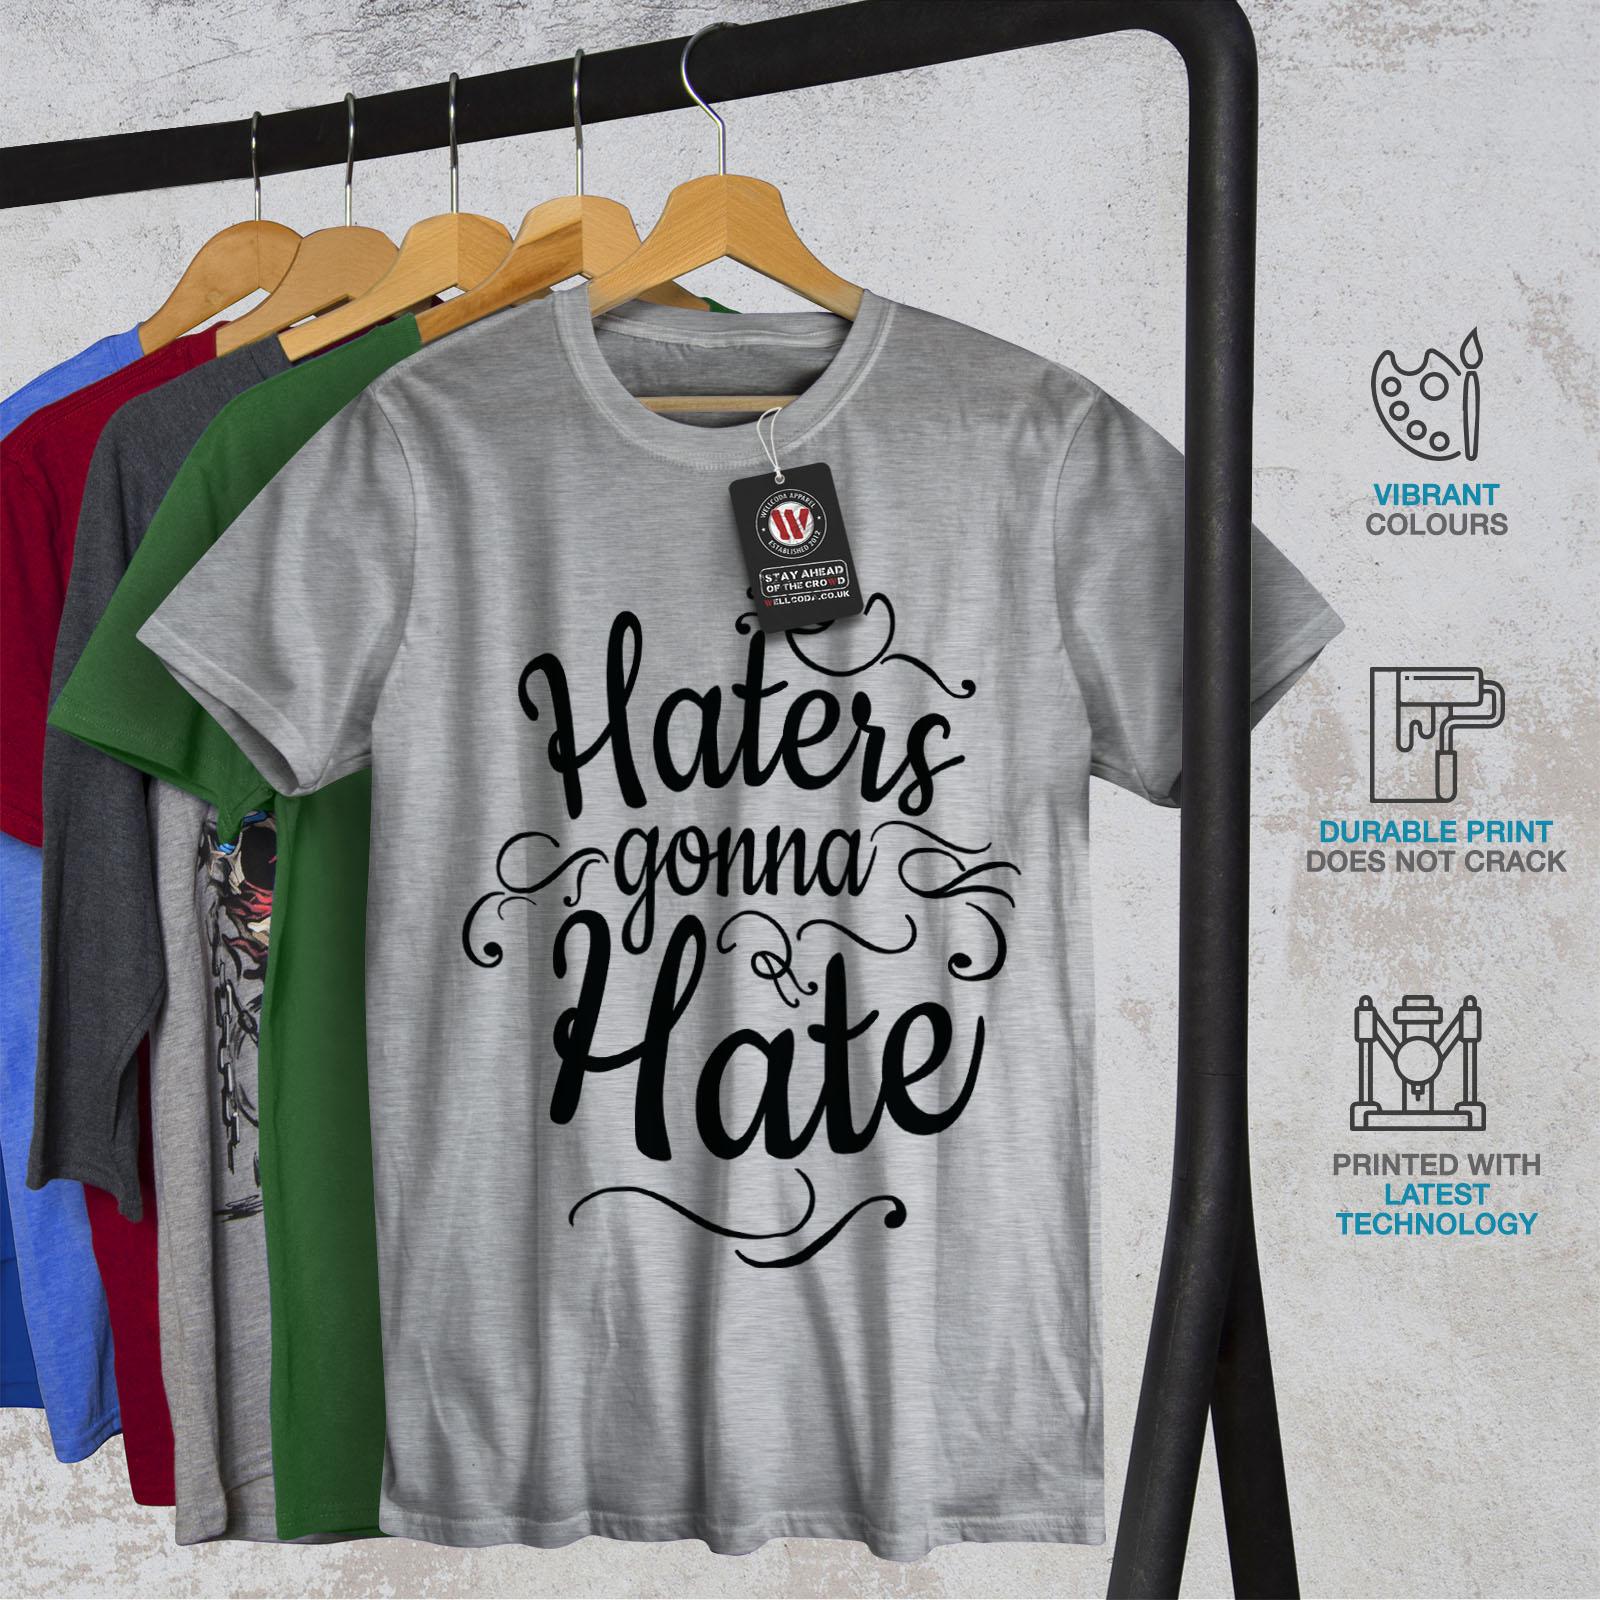 Wellcoda-Hasser-Gonna-Hate-Herren-T-Shirt-lustige-Grafikdesign-Printed-Tee Indexbild 18